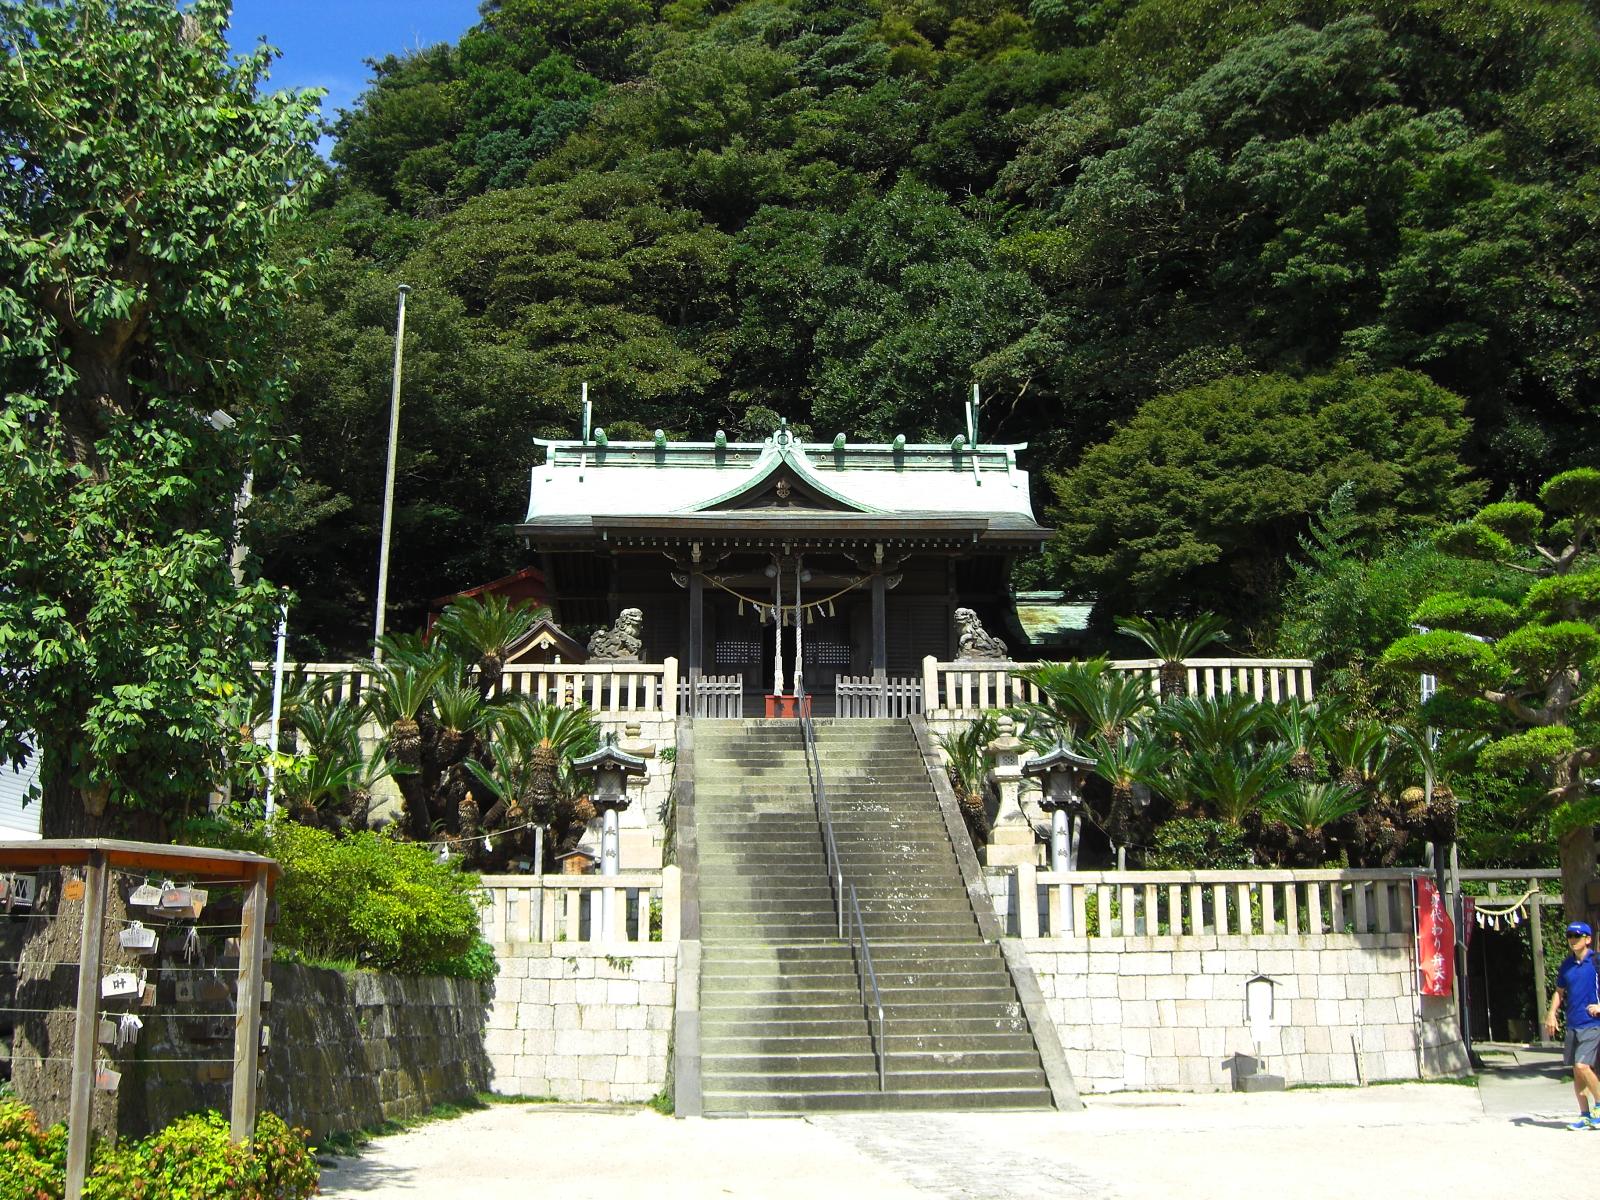 2015/09/23三浦半島めぐり3